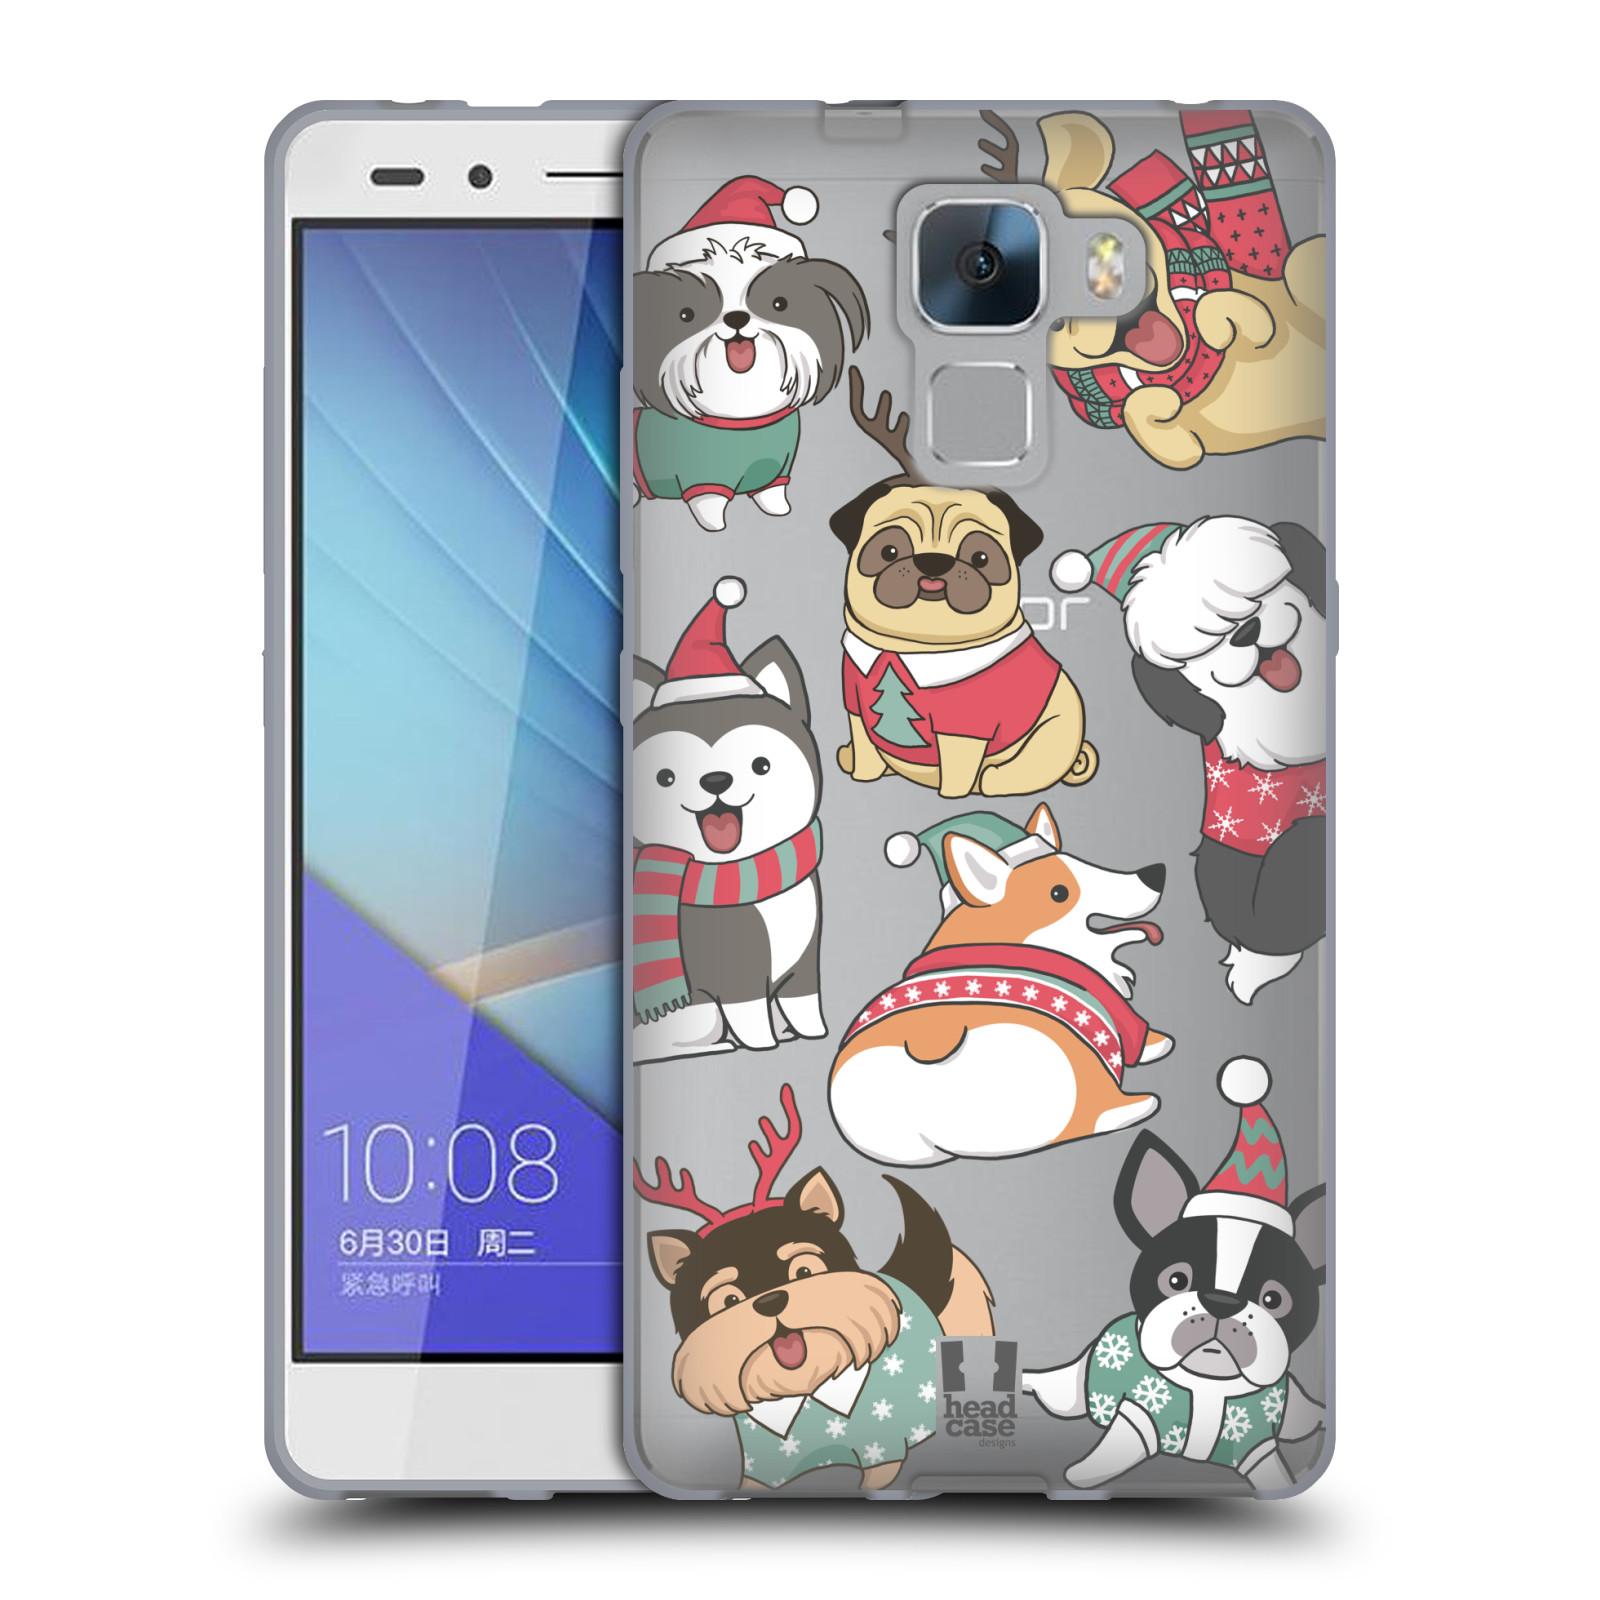 Silikonové pouzdro na mobil Honor 7 - Head Case - Vánoční pejsci